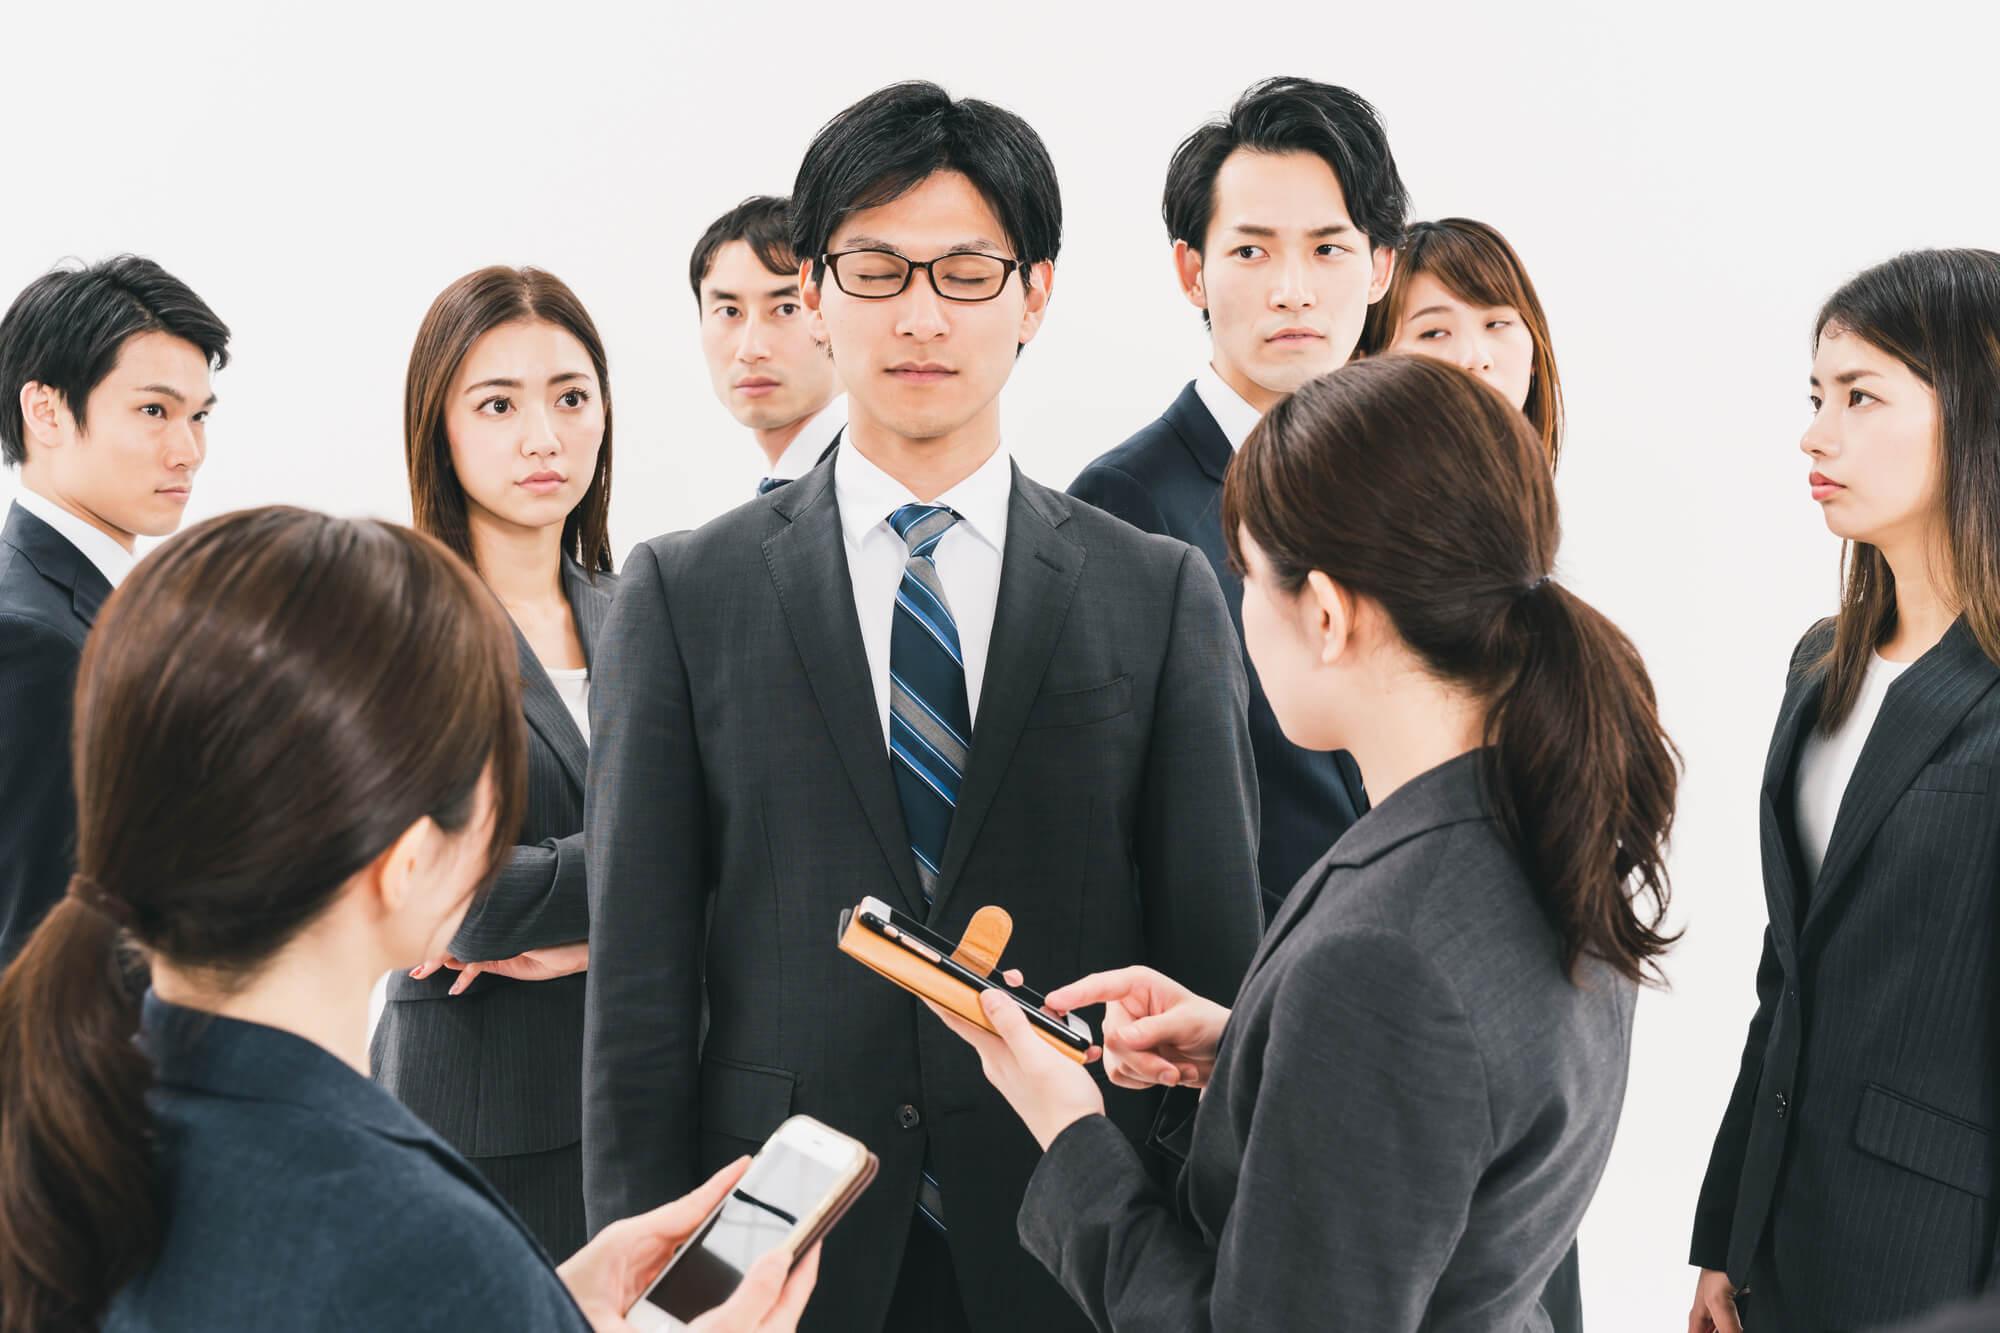 やっと就職した会社で人間関係に馴染めず孤立しているアスペルガー症候群の男性